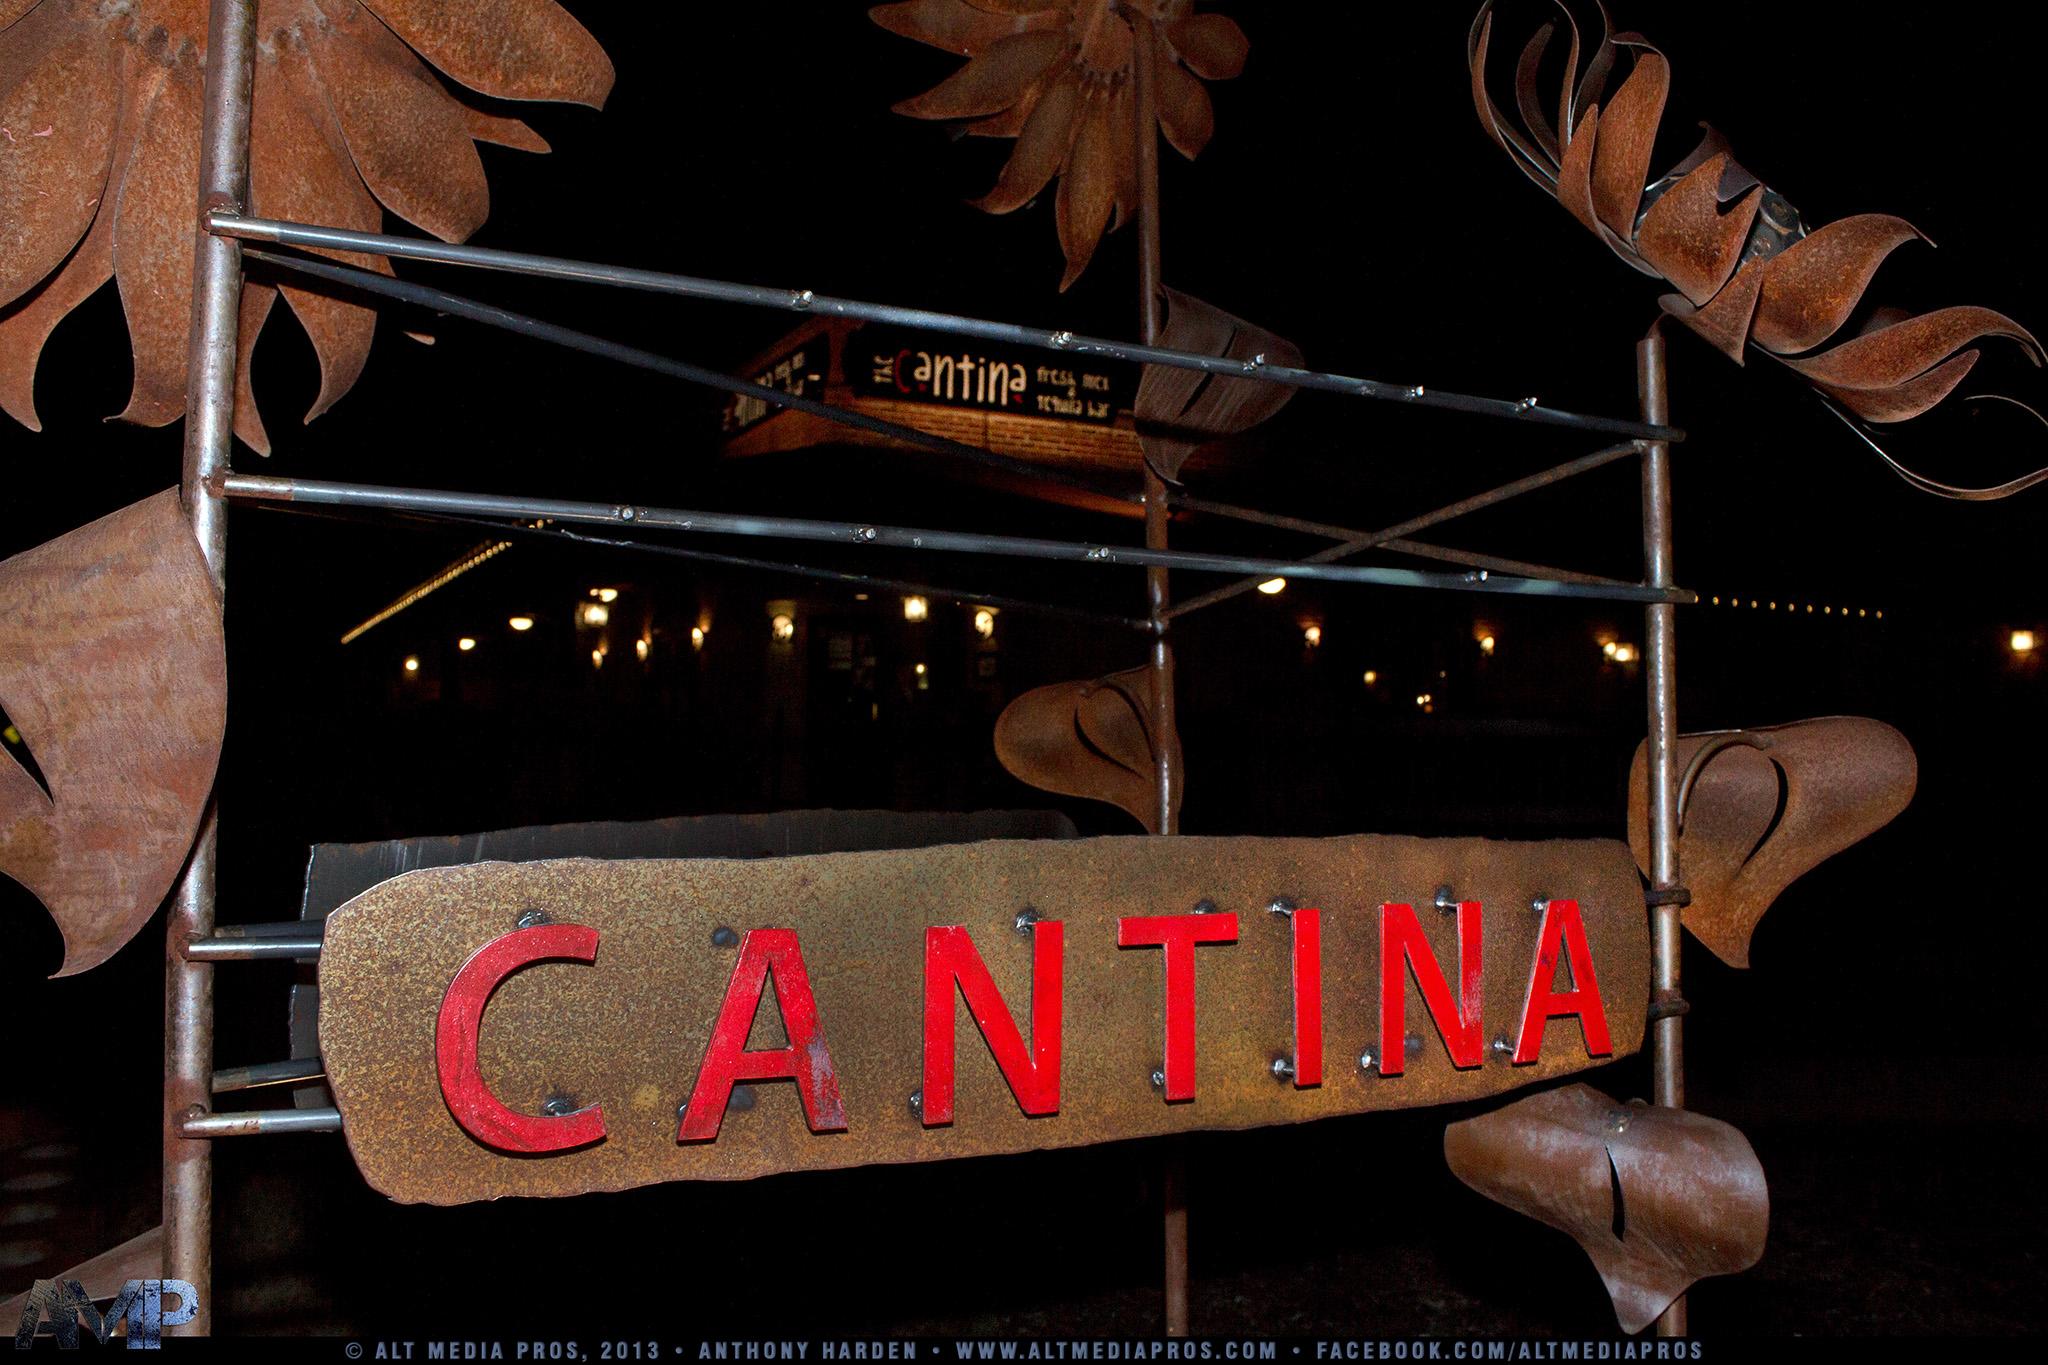 Cantina at Biltmore_PSD_022813_007.jpg